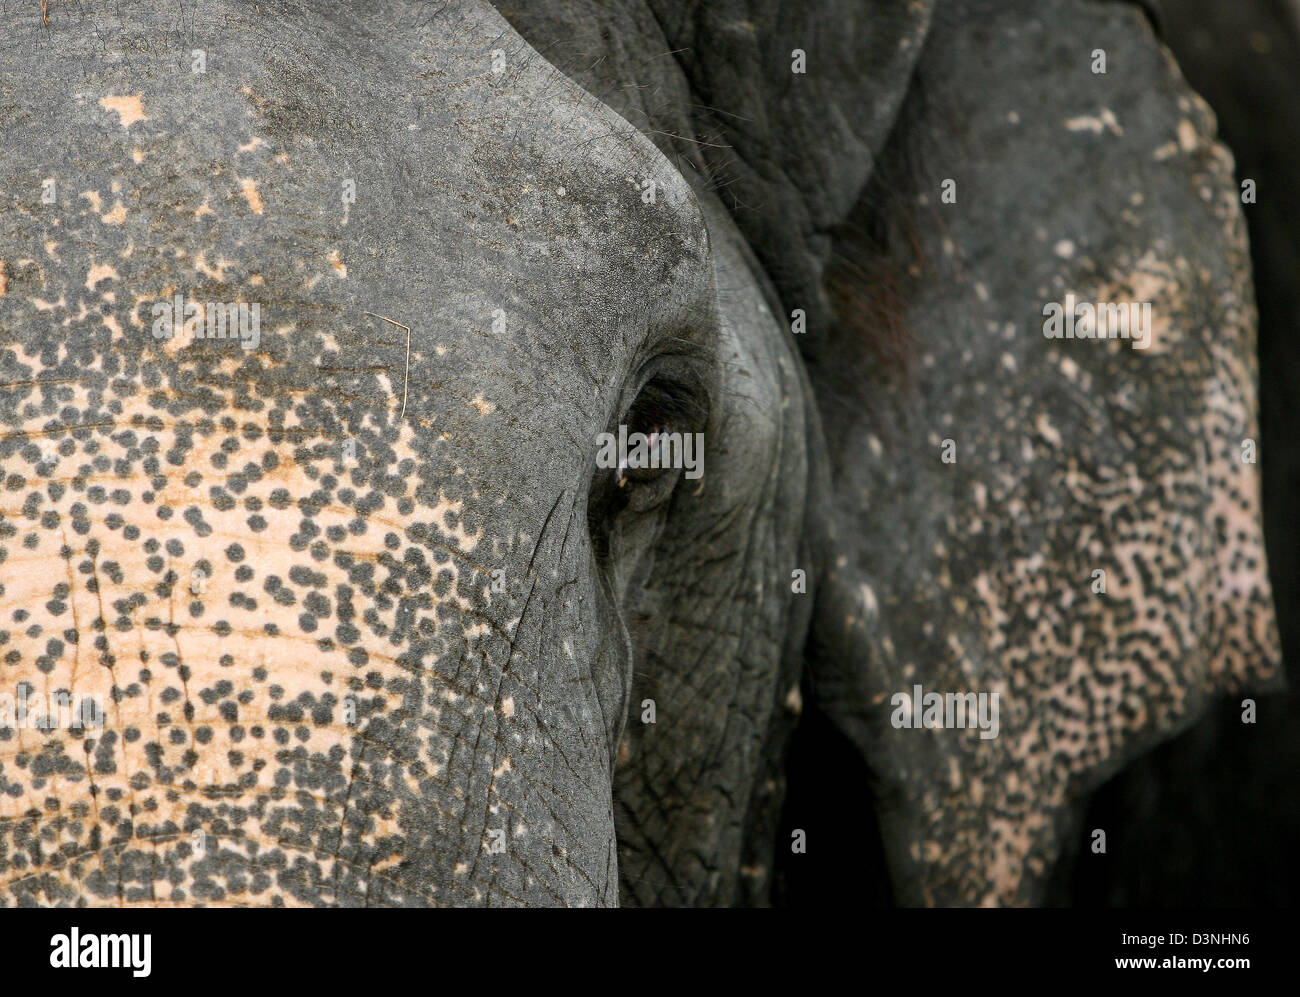 Un elefante asiático (lat.: Elephas maximus) fotografiados en el Orfanato de Elefantes en Pinnawela, Sri Lanka, 26 de abril de 2006. Los elefantes son altamente reconocido en Sri Lanka por su capacidad de trabajo. Caminar por debajo del estómago de un elefante shal traer suerte a lo largo de toda la vida. Foto: Maurizio Gambarini Foto de stock